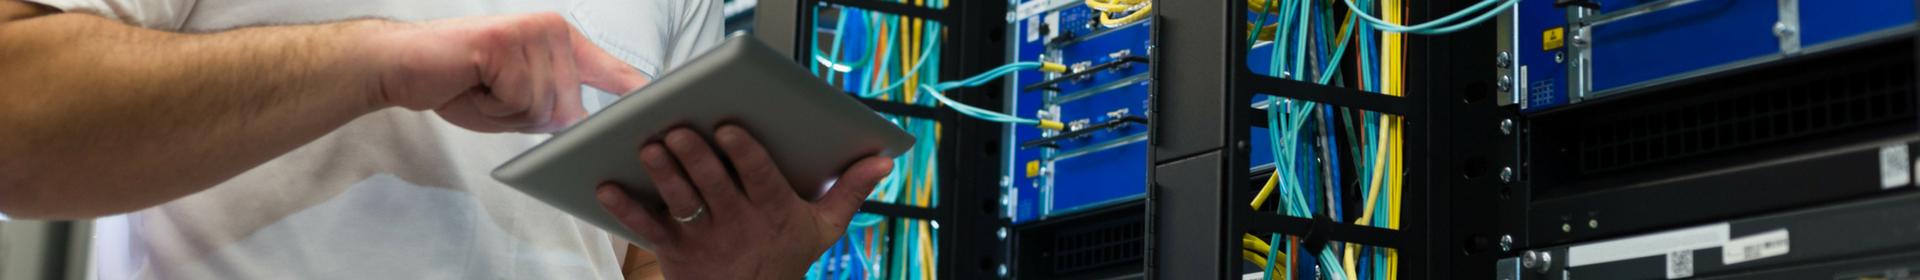 Maîtriser la consommation énergétique des infrastructures numériques